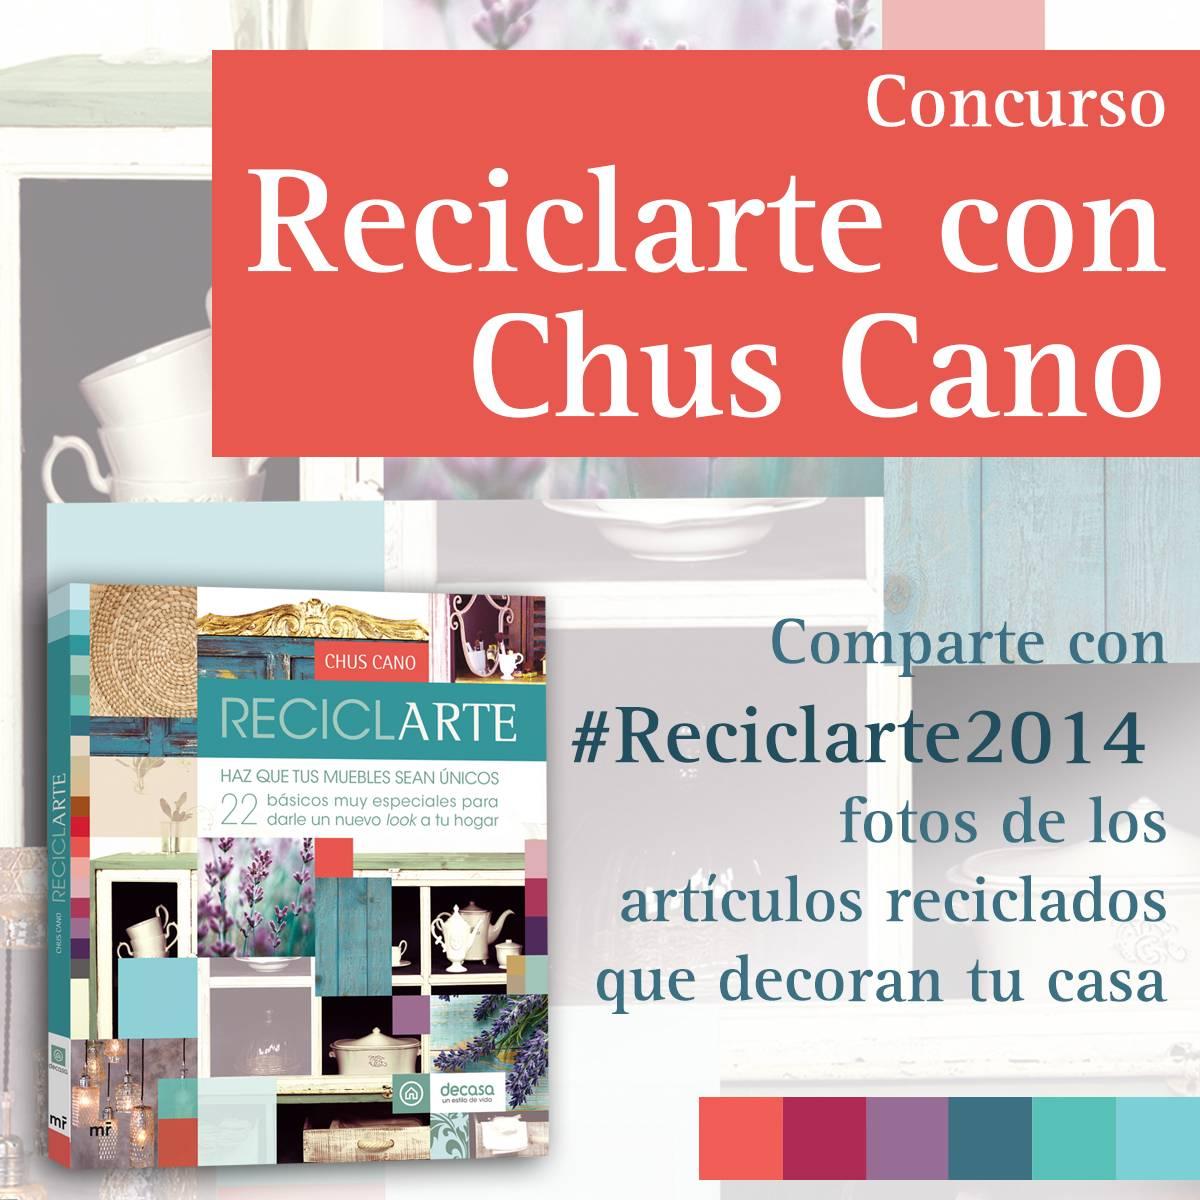 Concurso Reciclarte Decasa Tv en instagram